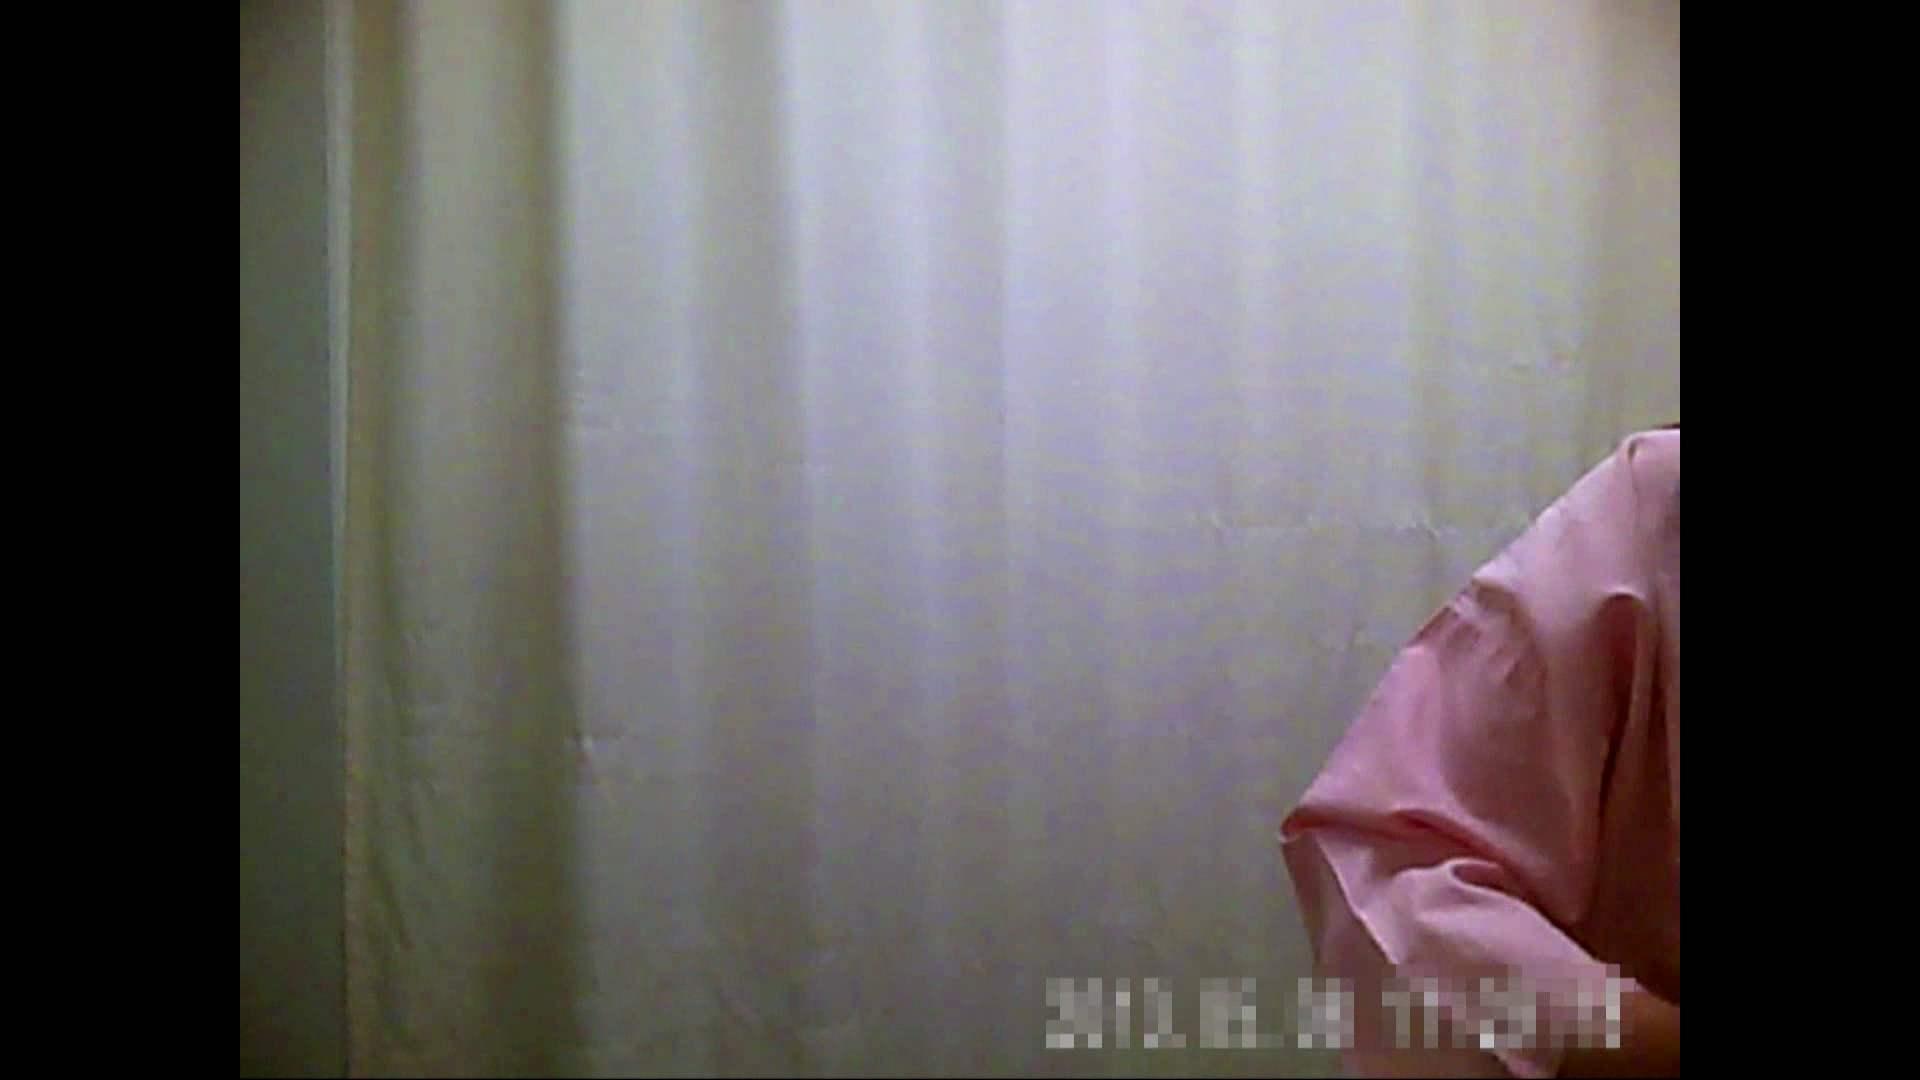 病院おもいっきり着替え! vol.209 おっぱい 隠し撮りすけべAV動画紹介 58PICs 24